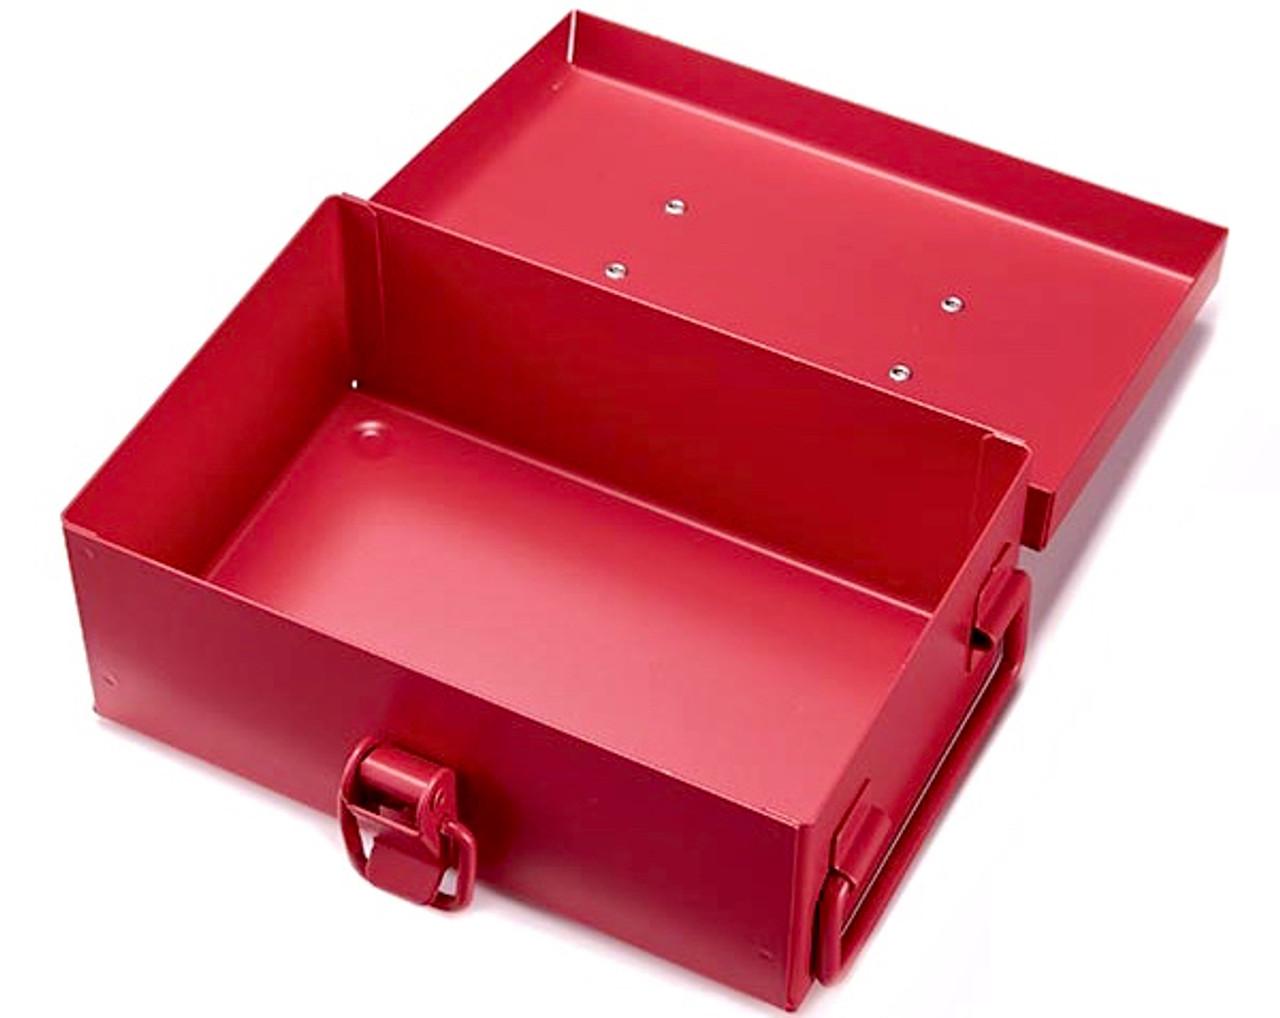 STI Steel Storage Box Small STSG18100220 Open at AVOJDM.com